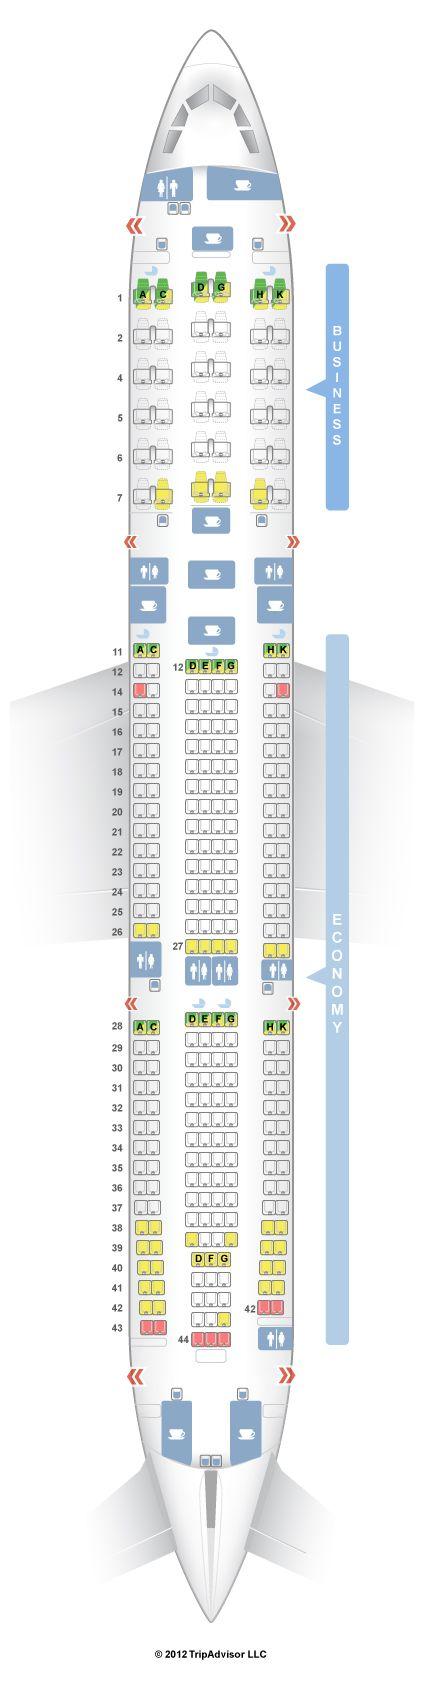 SeatGuru Seat Map Malaysia Airlines Airbus A330-300 (333) - SeatGuru